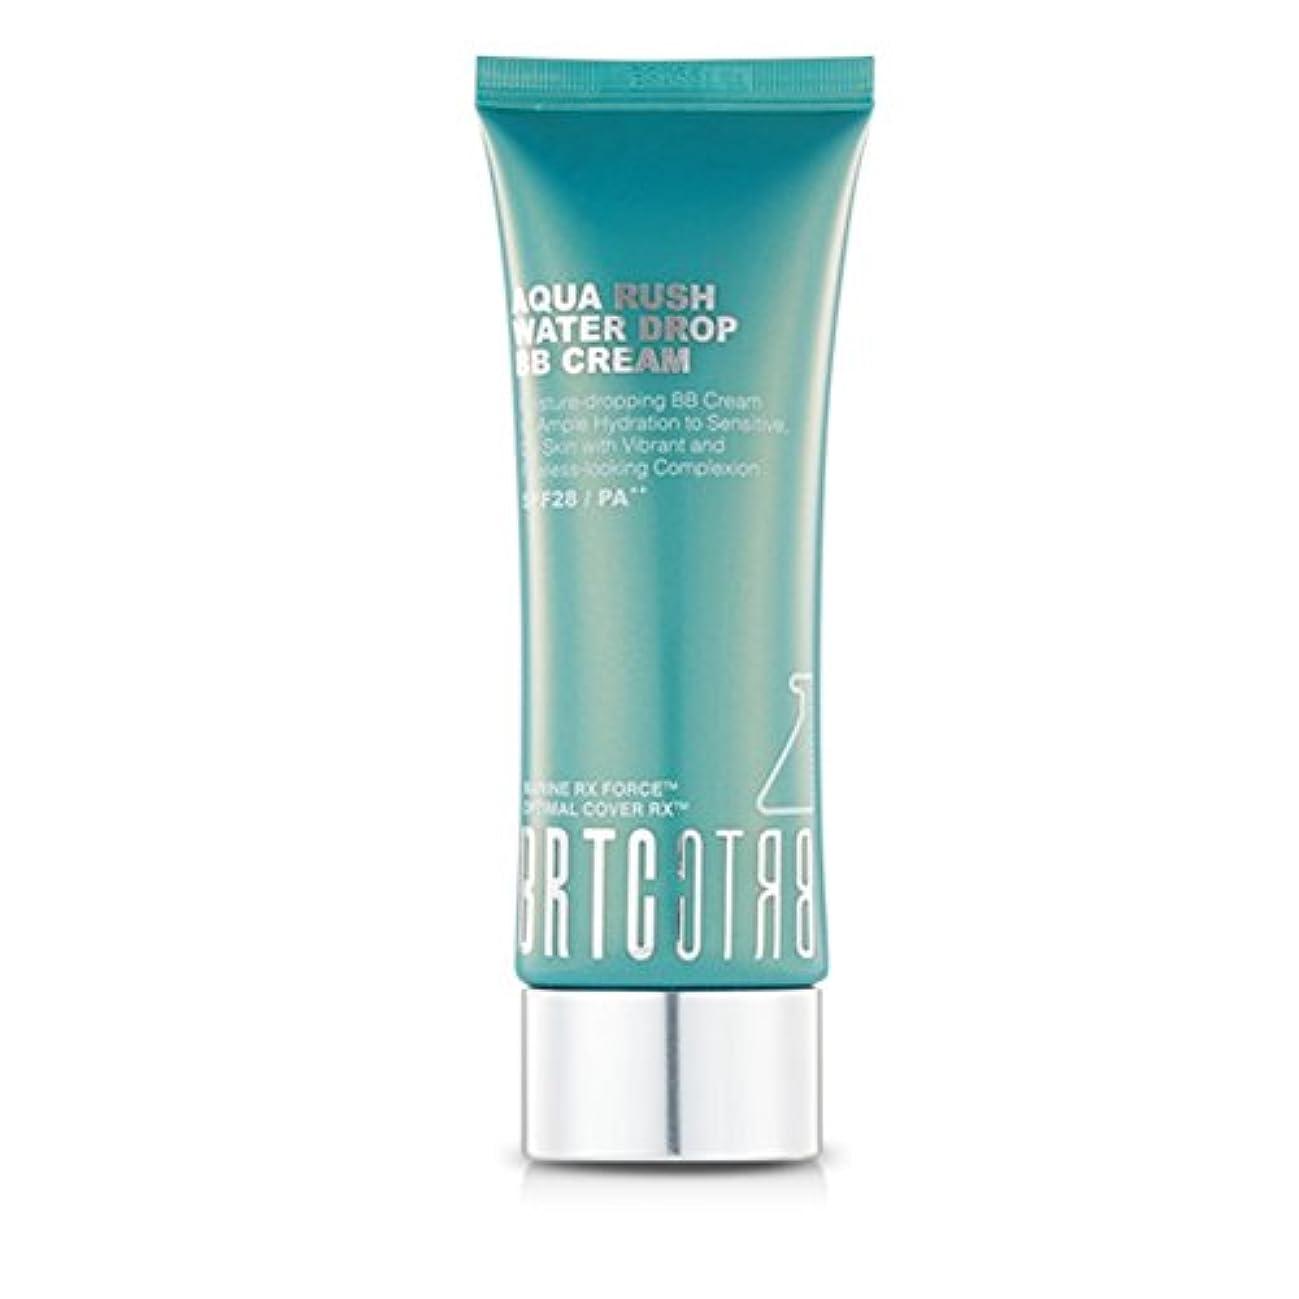 叙情的な紳士倫理【BRTC/非アルティさん]韓国化粧品Aqua Rush Water Drop BB Cream/こすると水滴がソングルソングルミネラルBB/アクアラッシュウォータードロップBBクリーム60g(海外直送品)